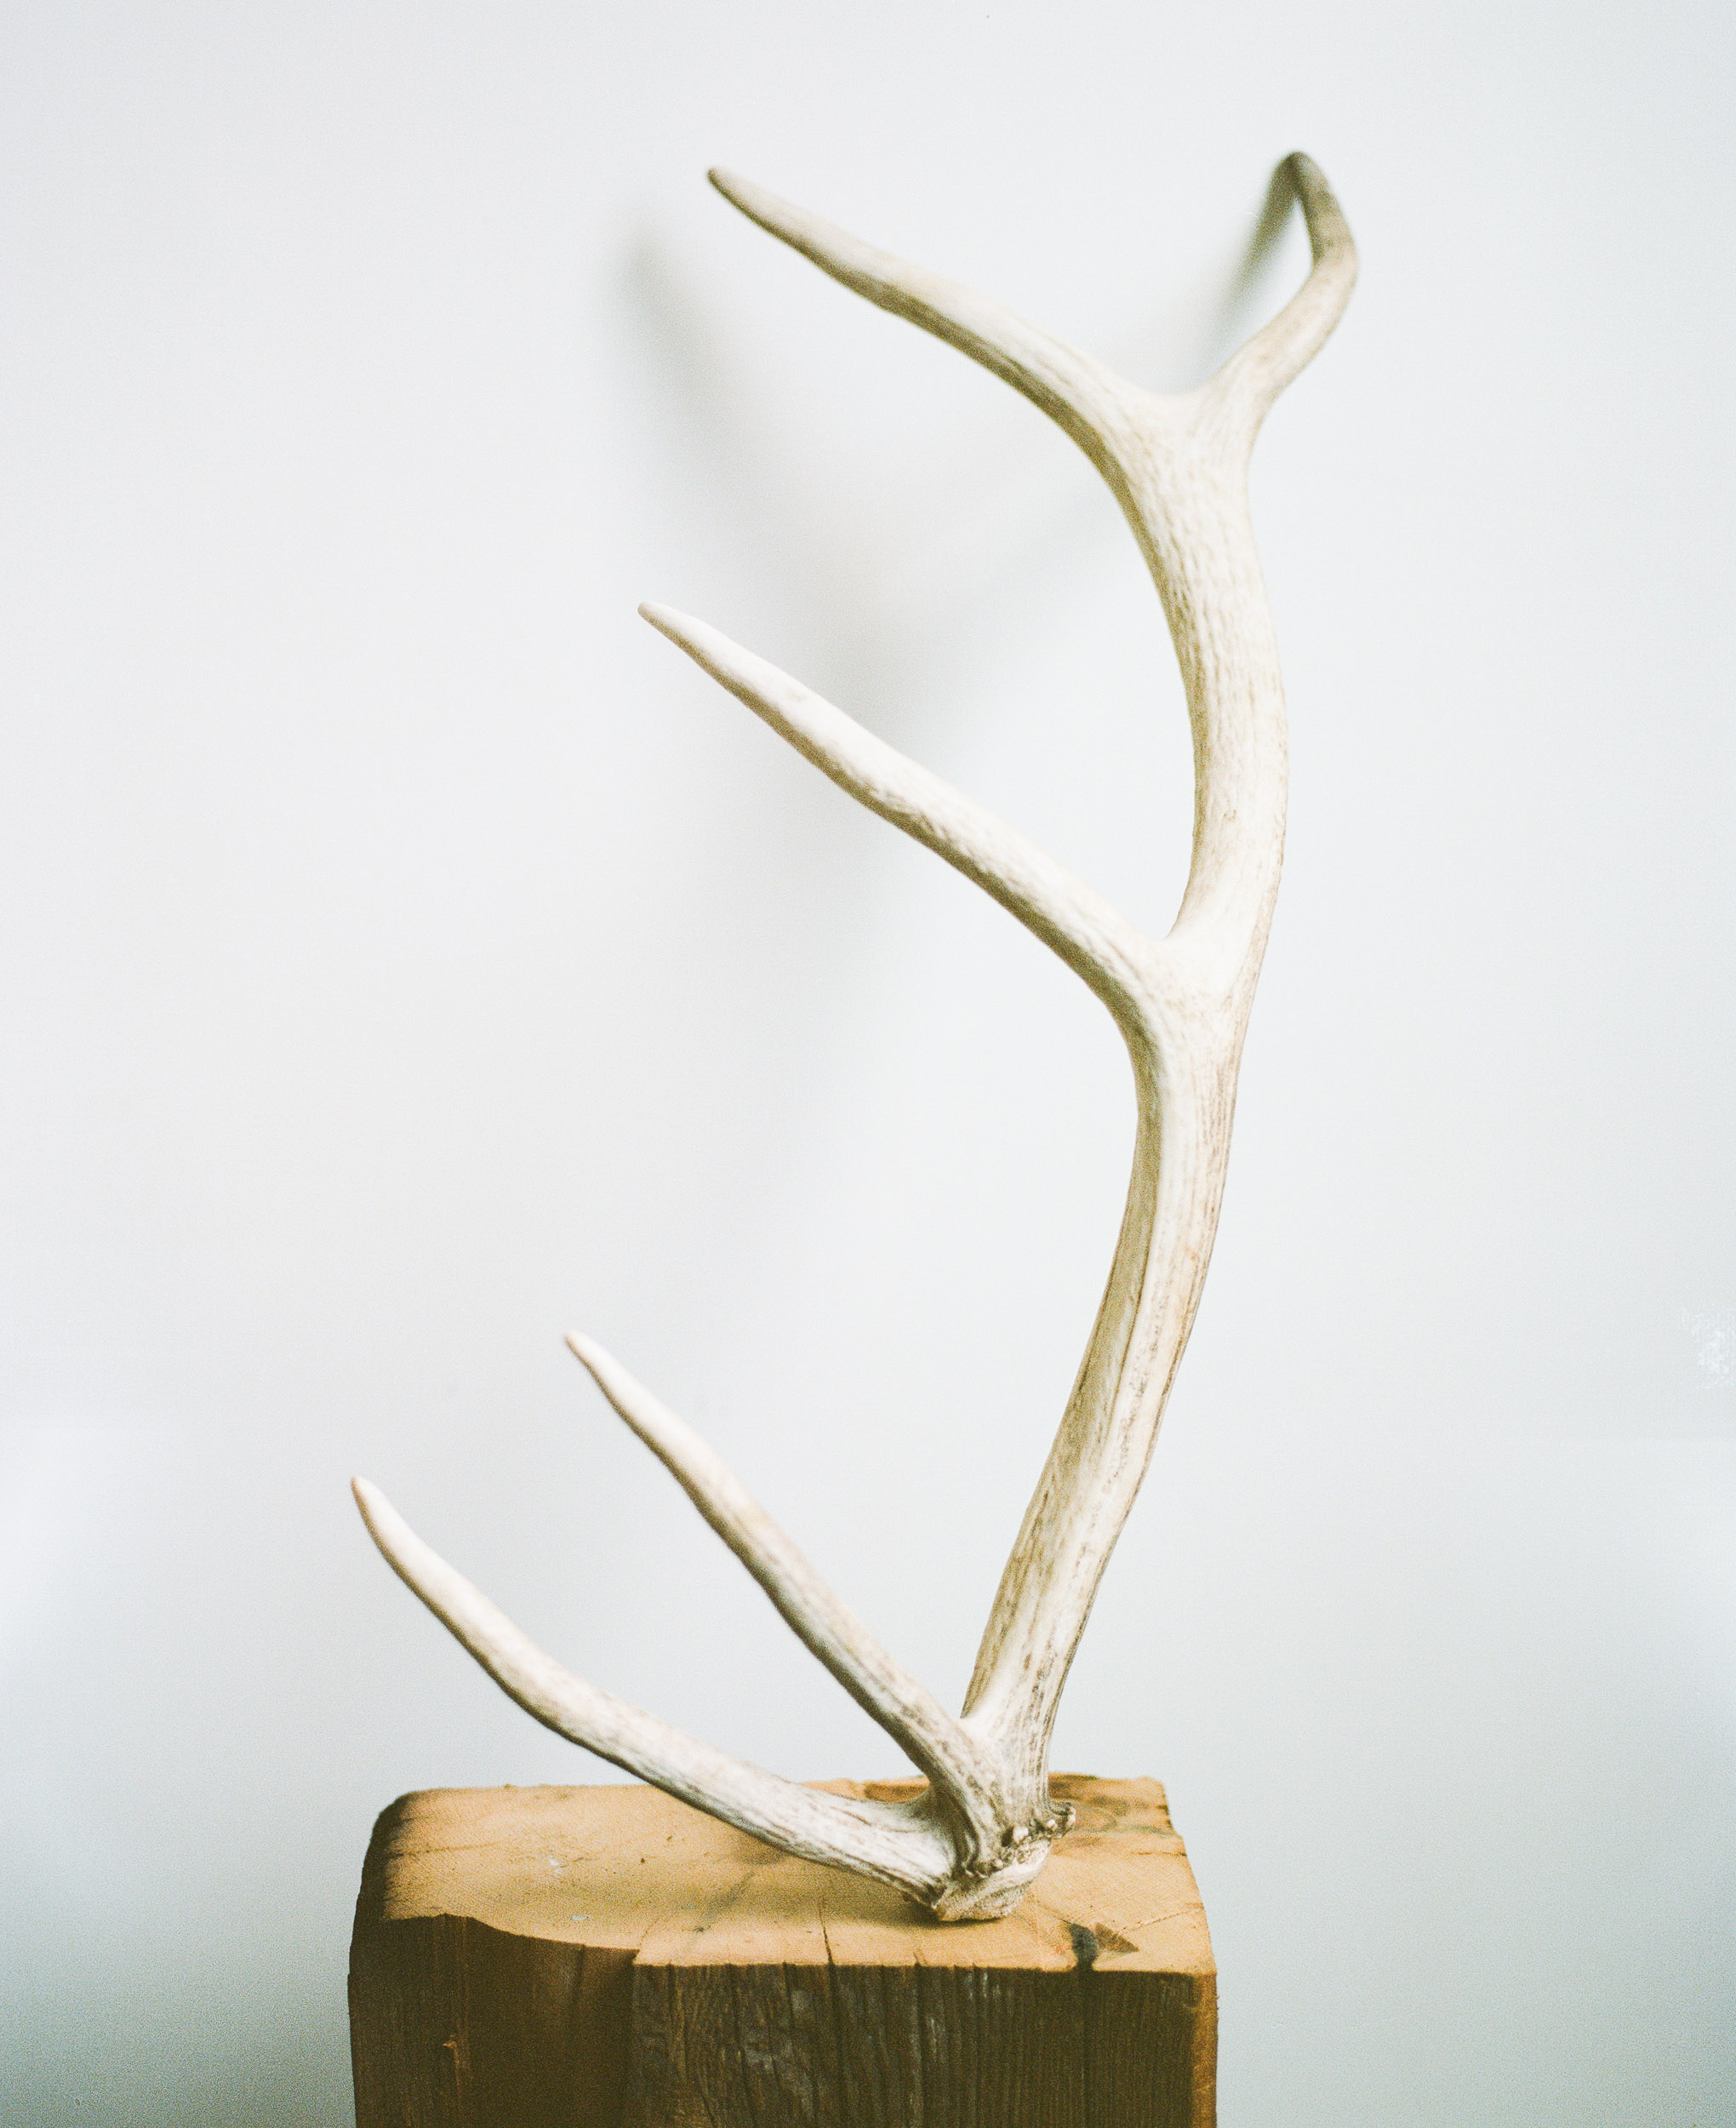 Elk Antler on a block of wood